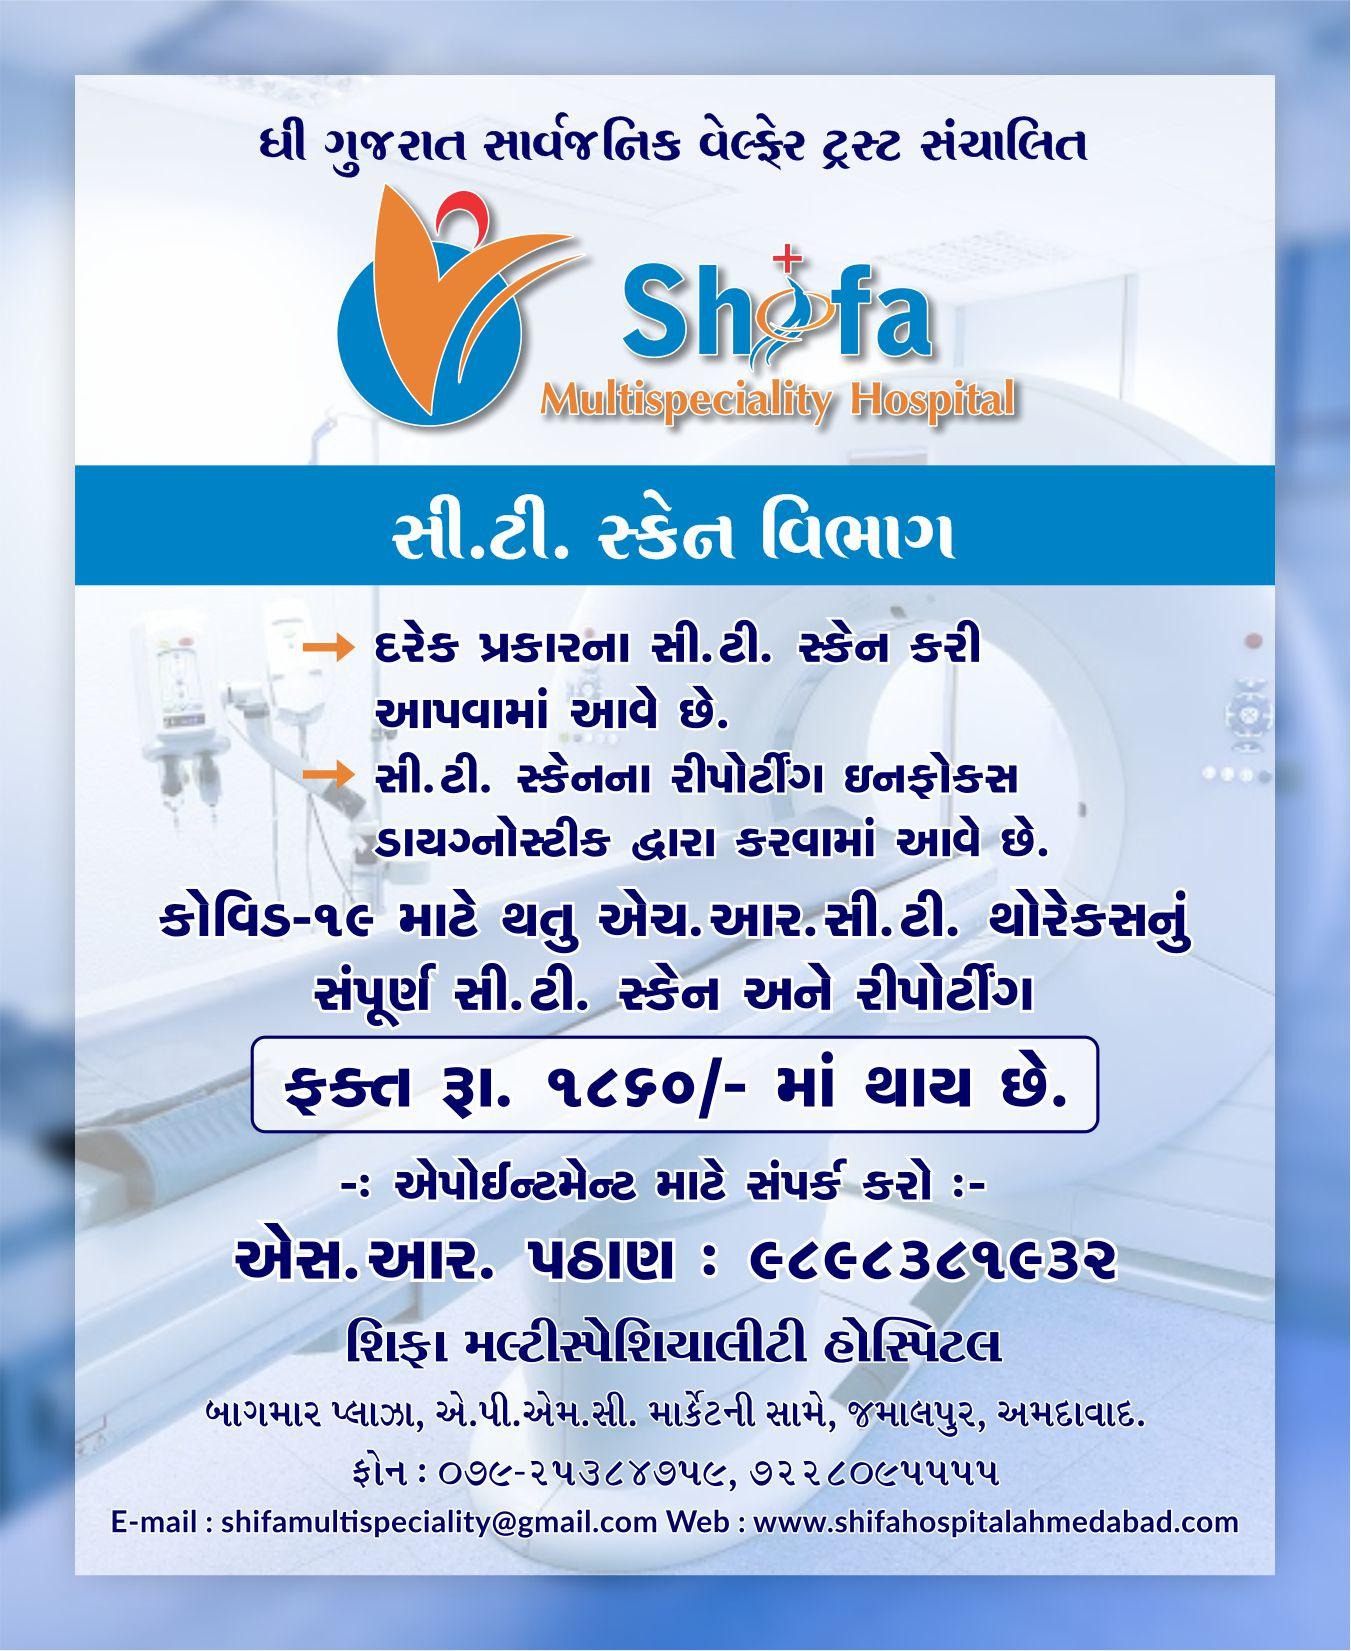 Shifa 008